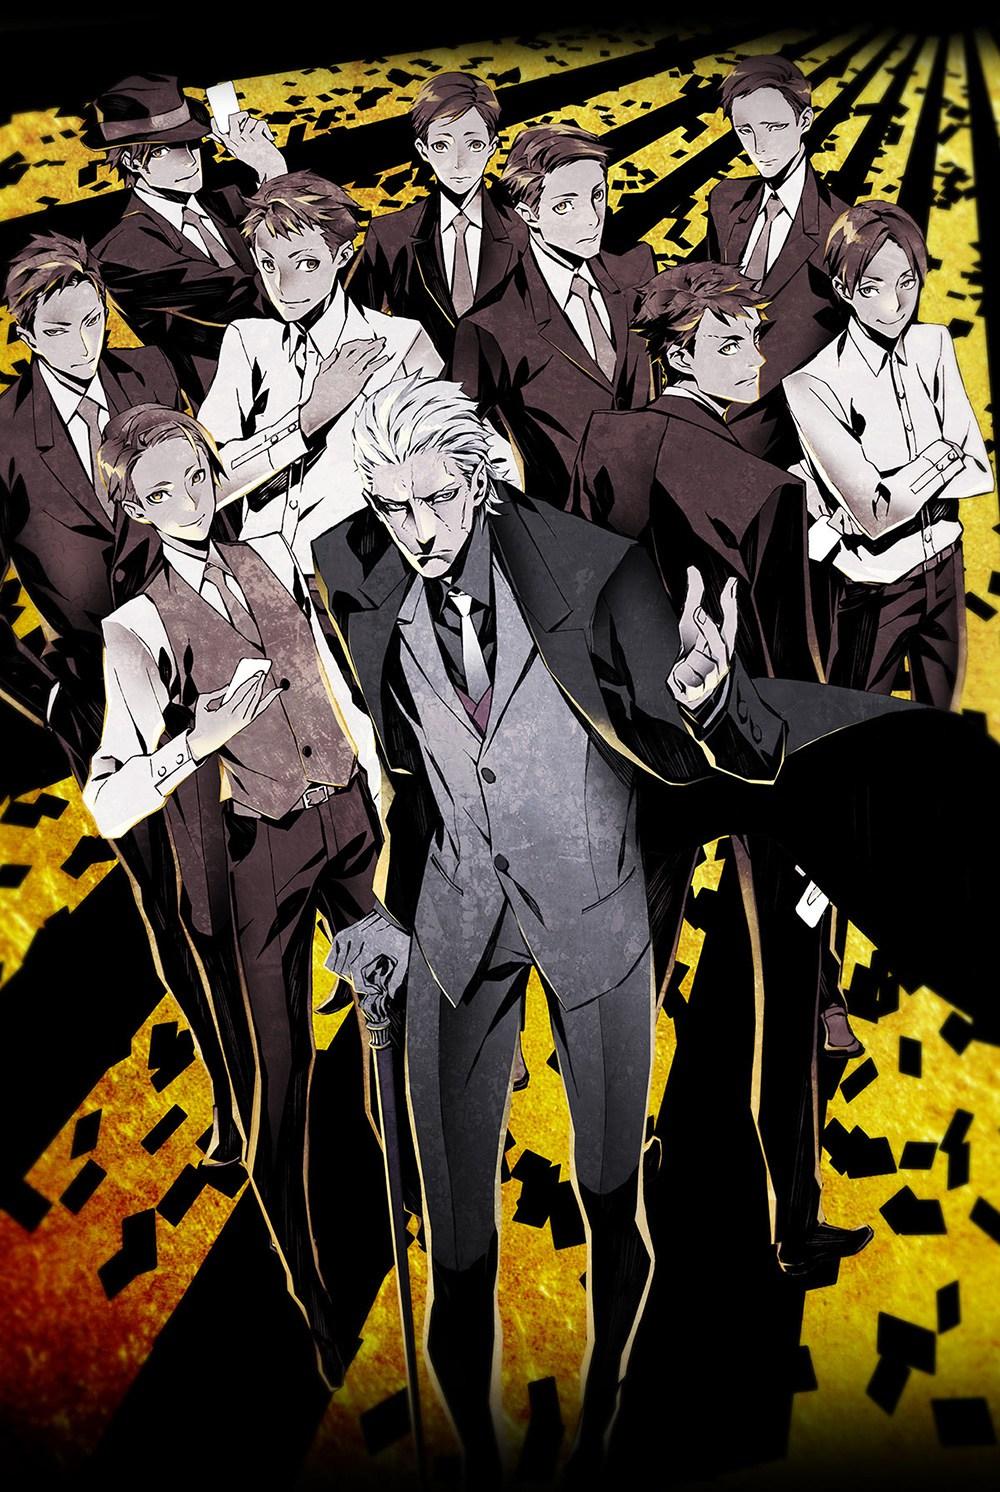 Joker-Game-TV-Anime-Visual-00